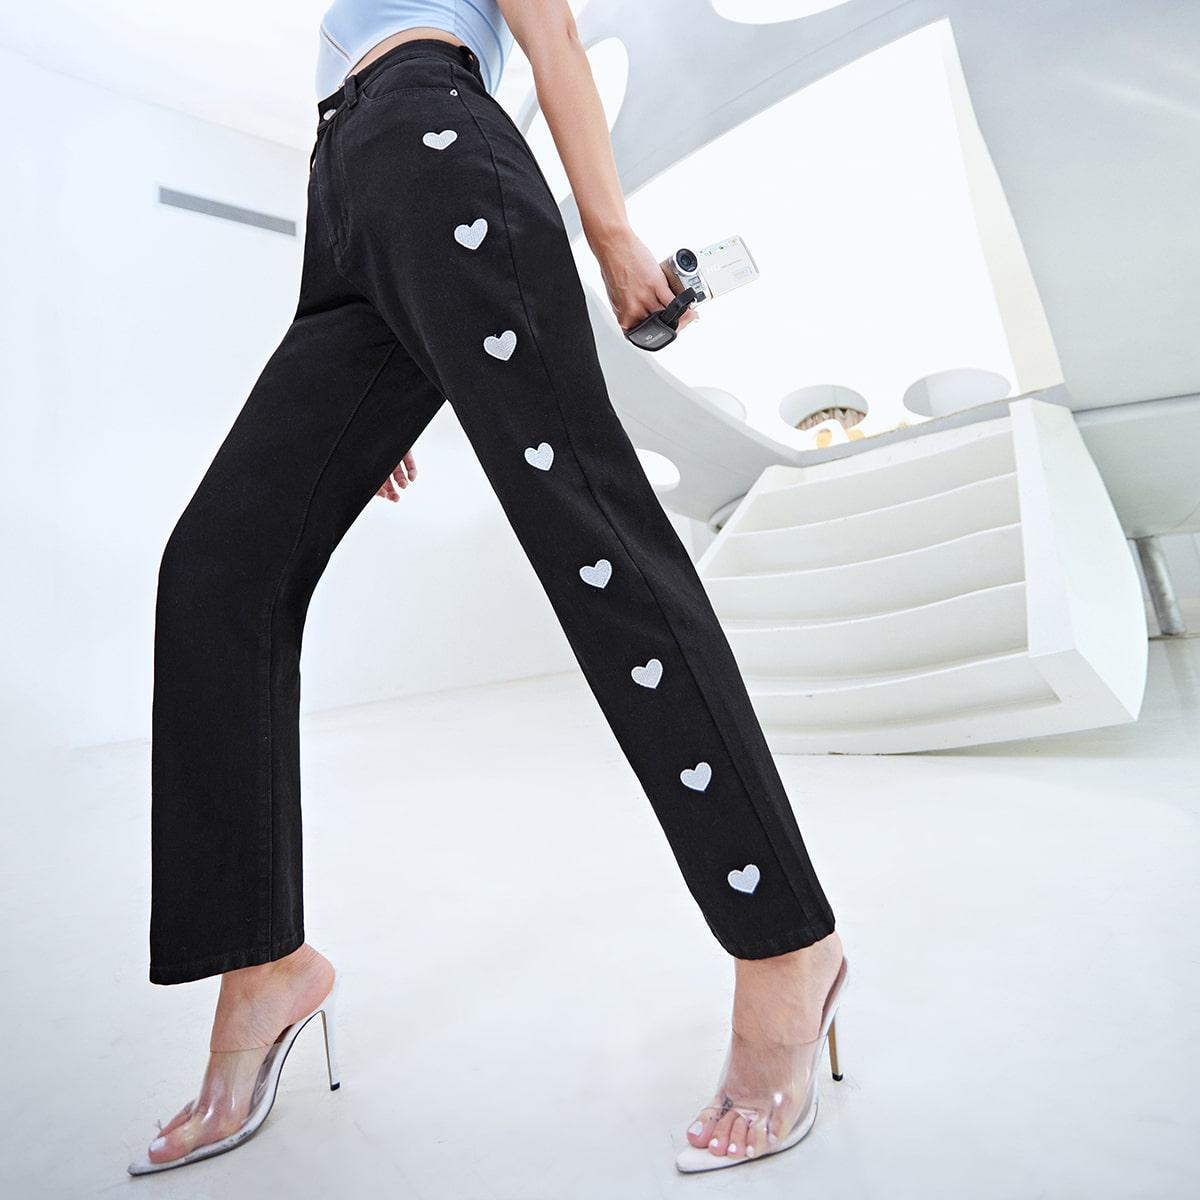 Прямые джинсы с вышивкой сердечка